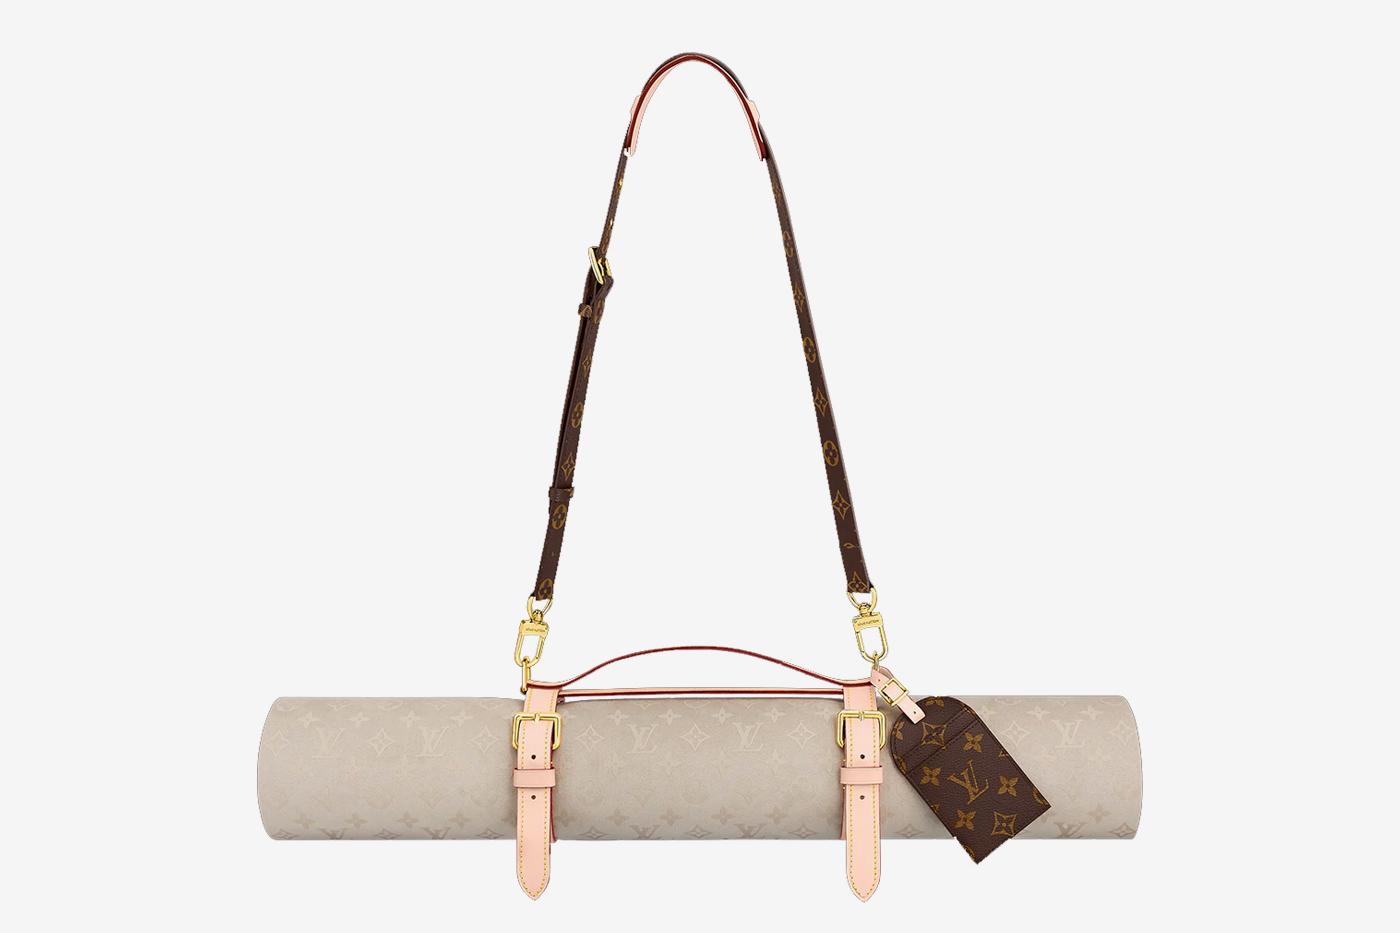 印度教政治家发布声明对 Louis Vuitton下架「牛皮制瑜珈垫」表示感谢